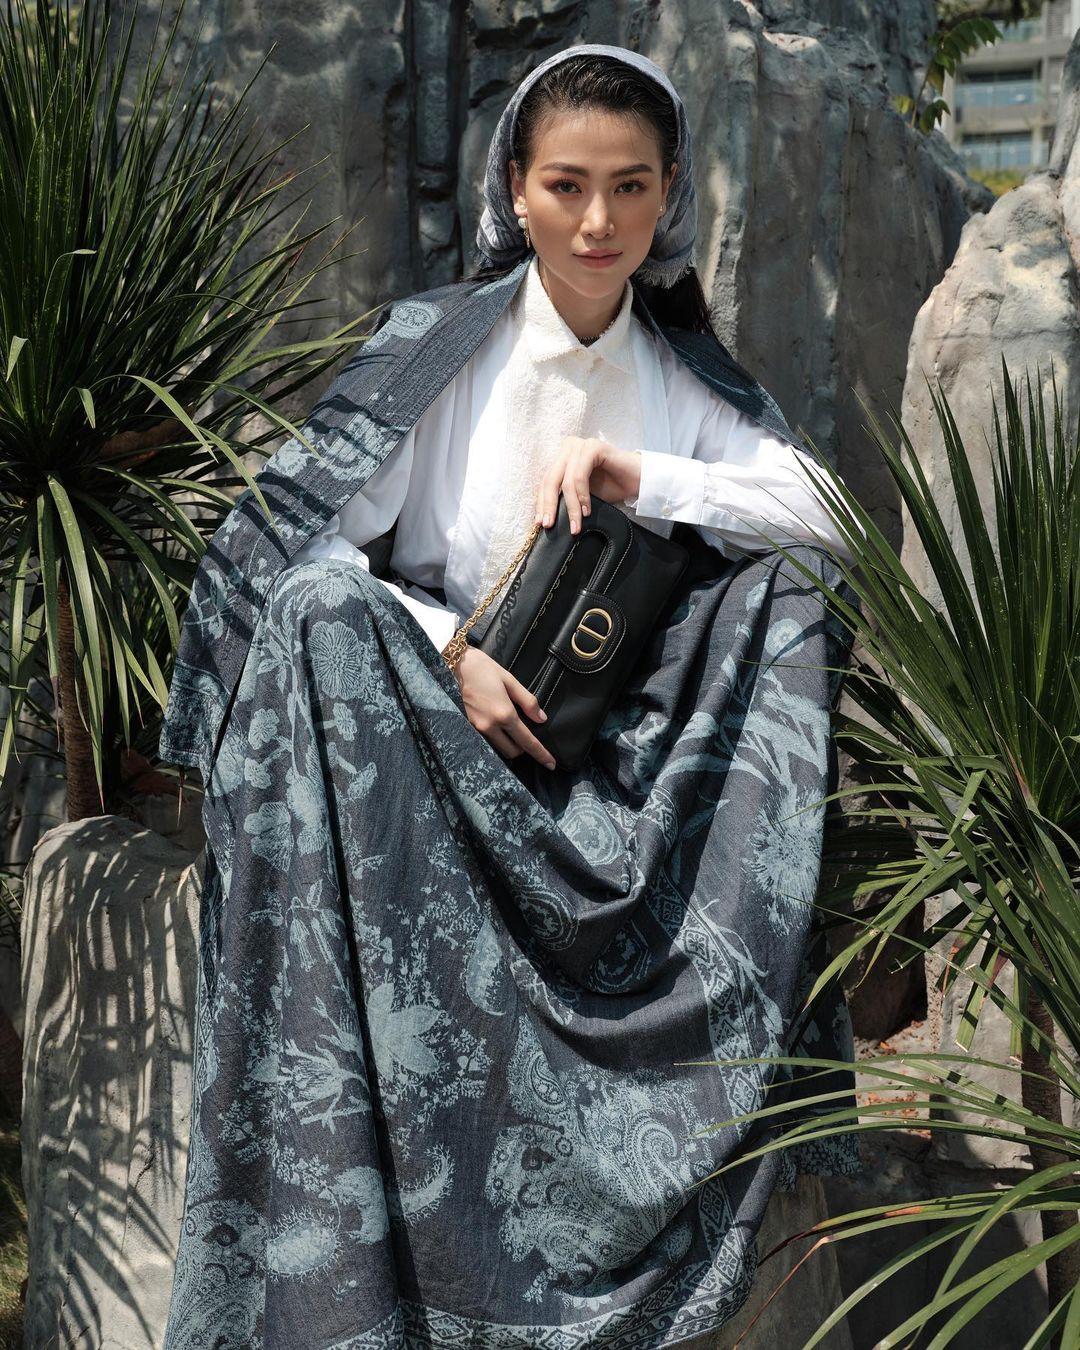 Hoa hậu Phương Khánh hoá cô gái đồng nội Pháp với túi DiorDouble 1